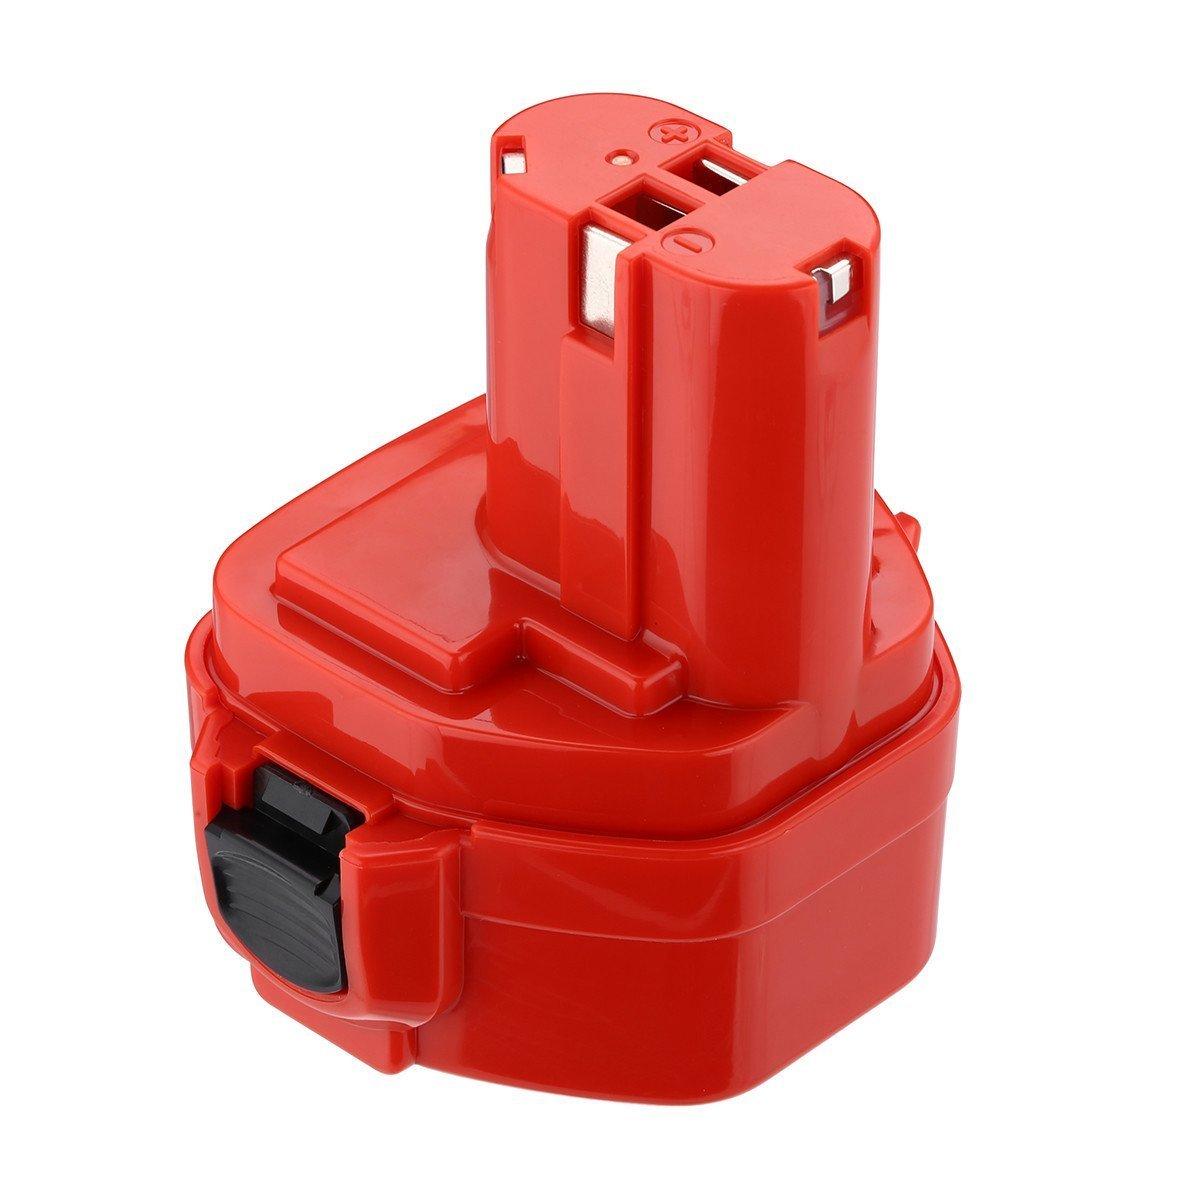 Powerextra Batería de repuesto 12V 2.0Ah Ni-MH para Makita 1200, 1220, 1222, 192598-2, 192681-5